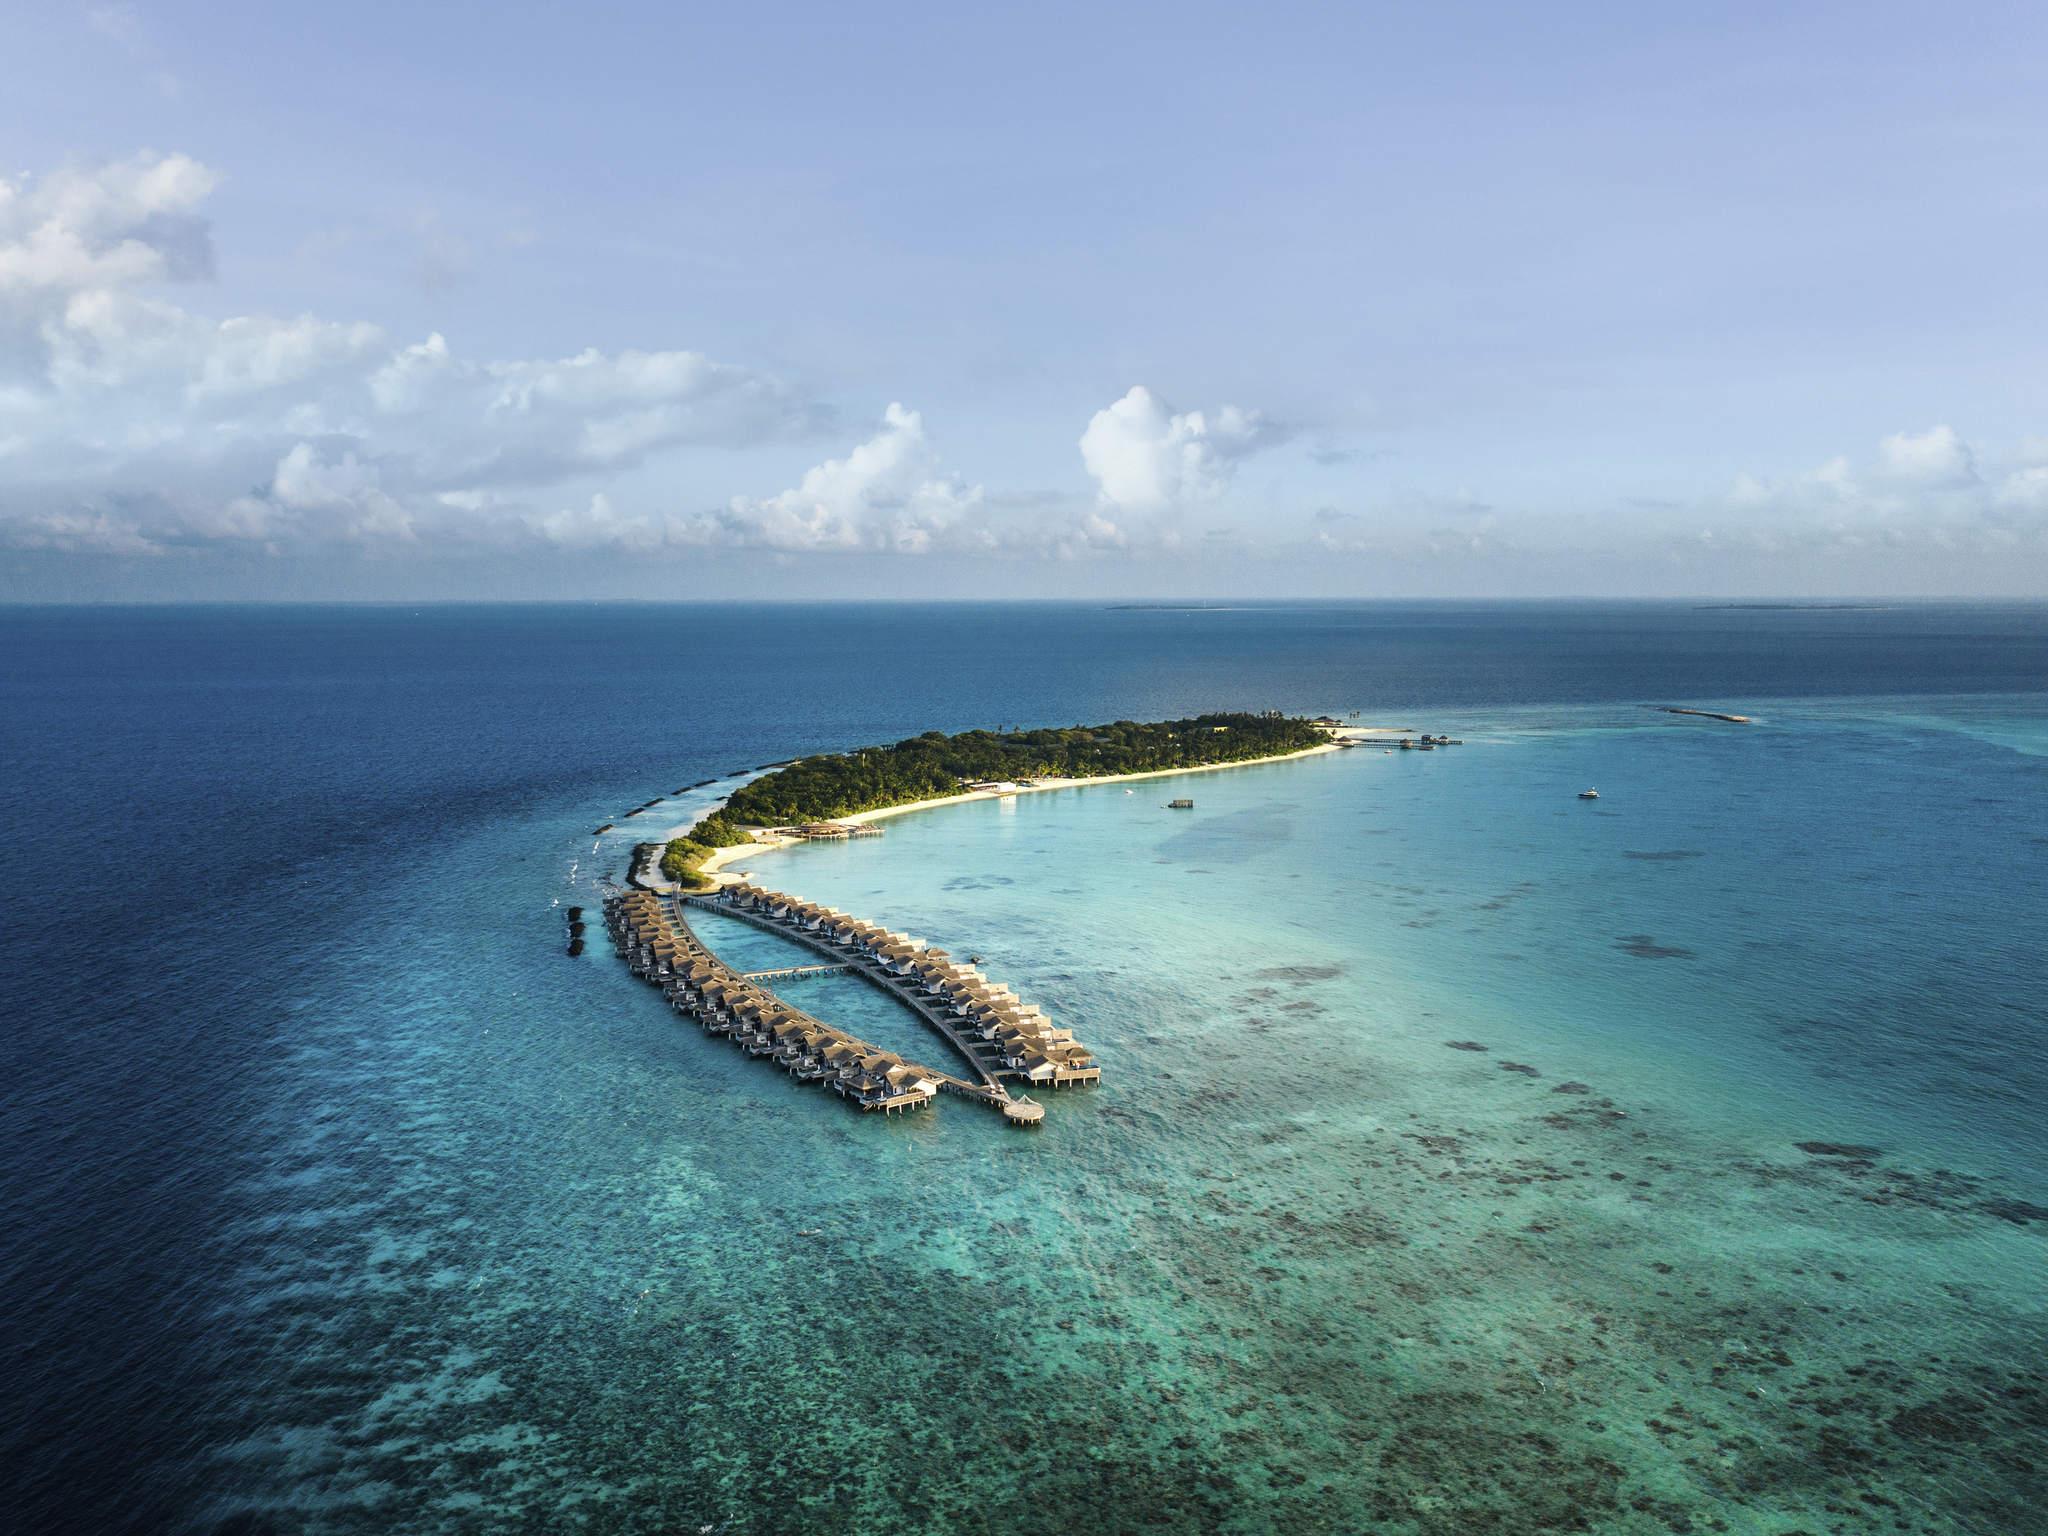 โรงแรม – Fairmont Maldives - Sirru Fen Fushi